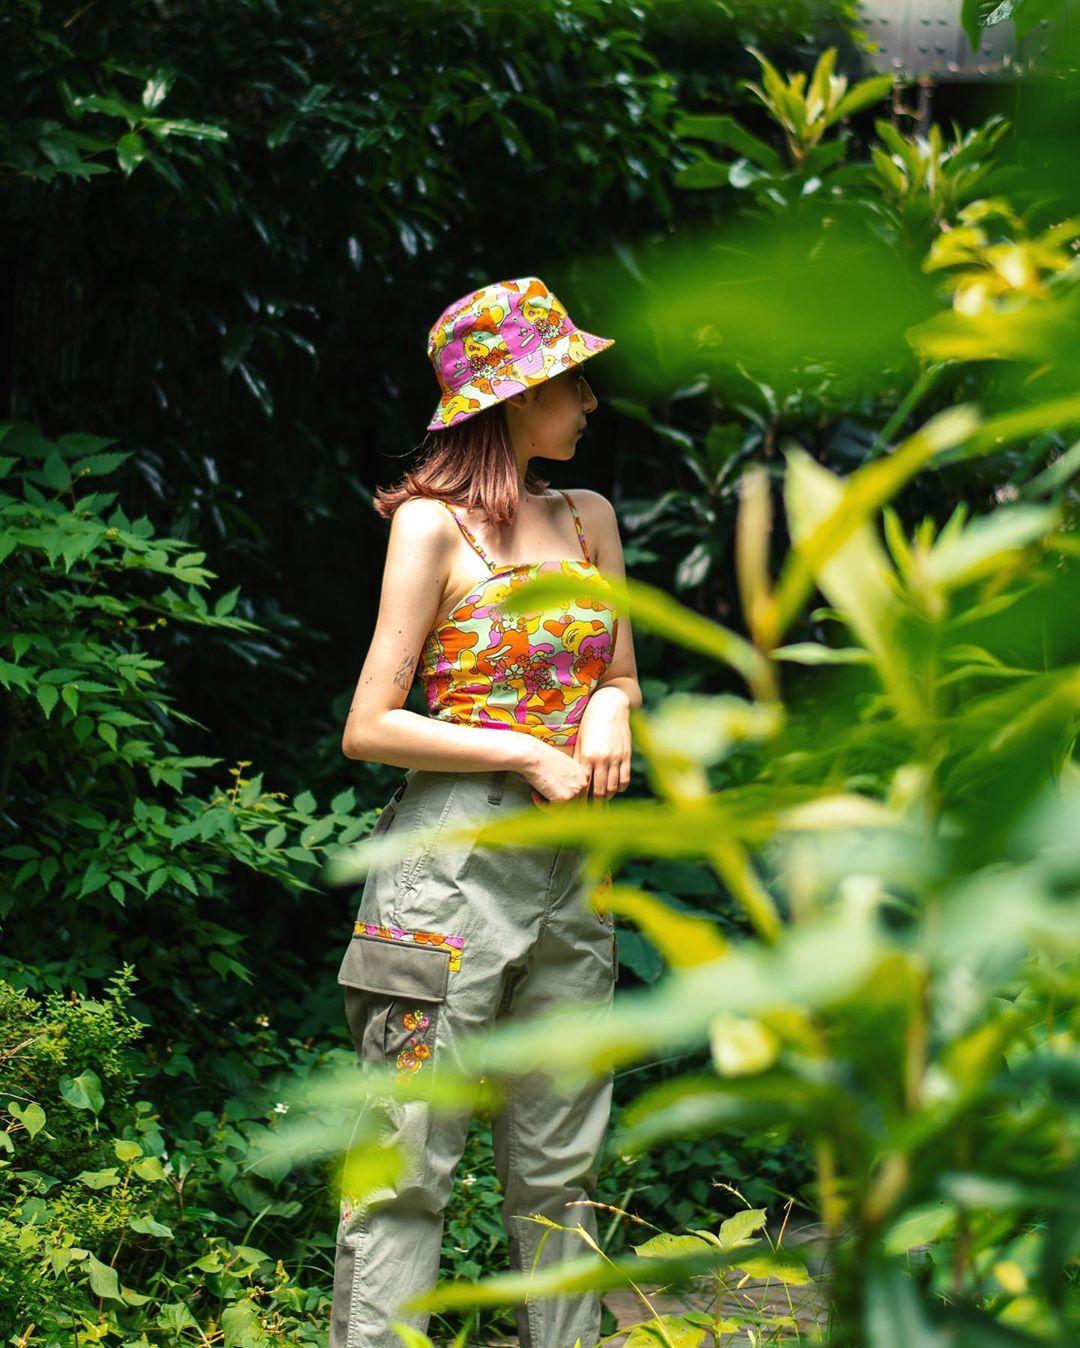 cô gái mặc trang phục bape phong cách thời trang streetwear